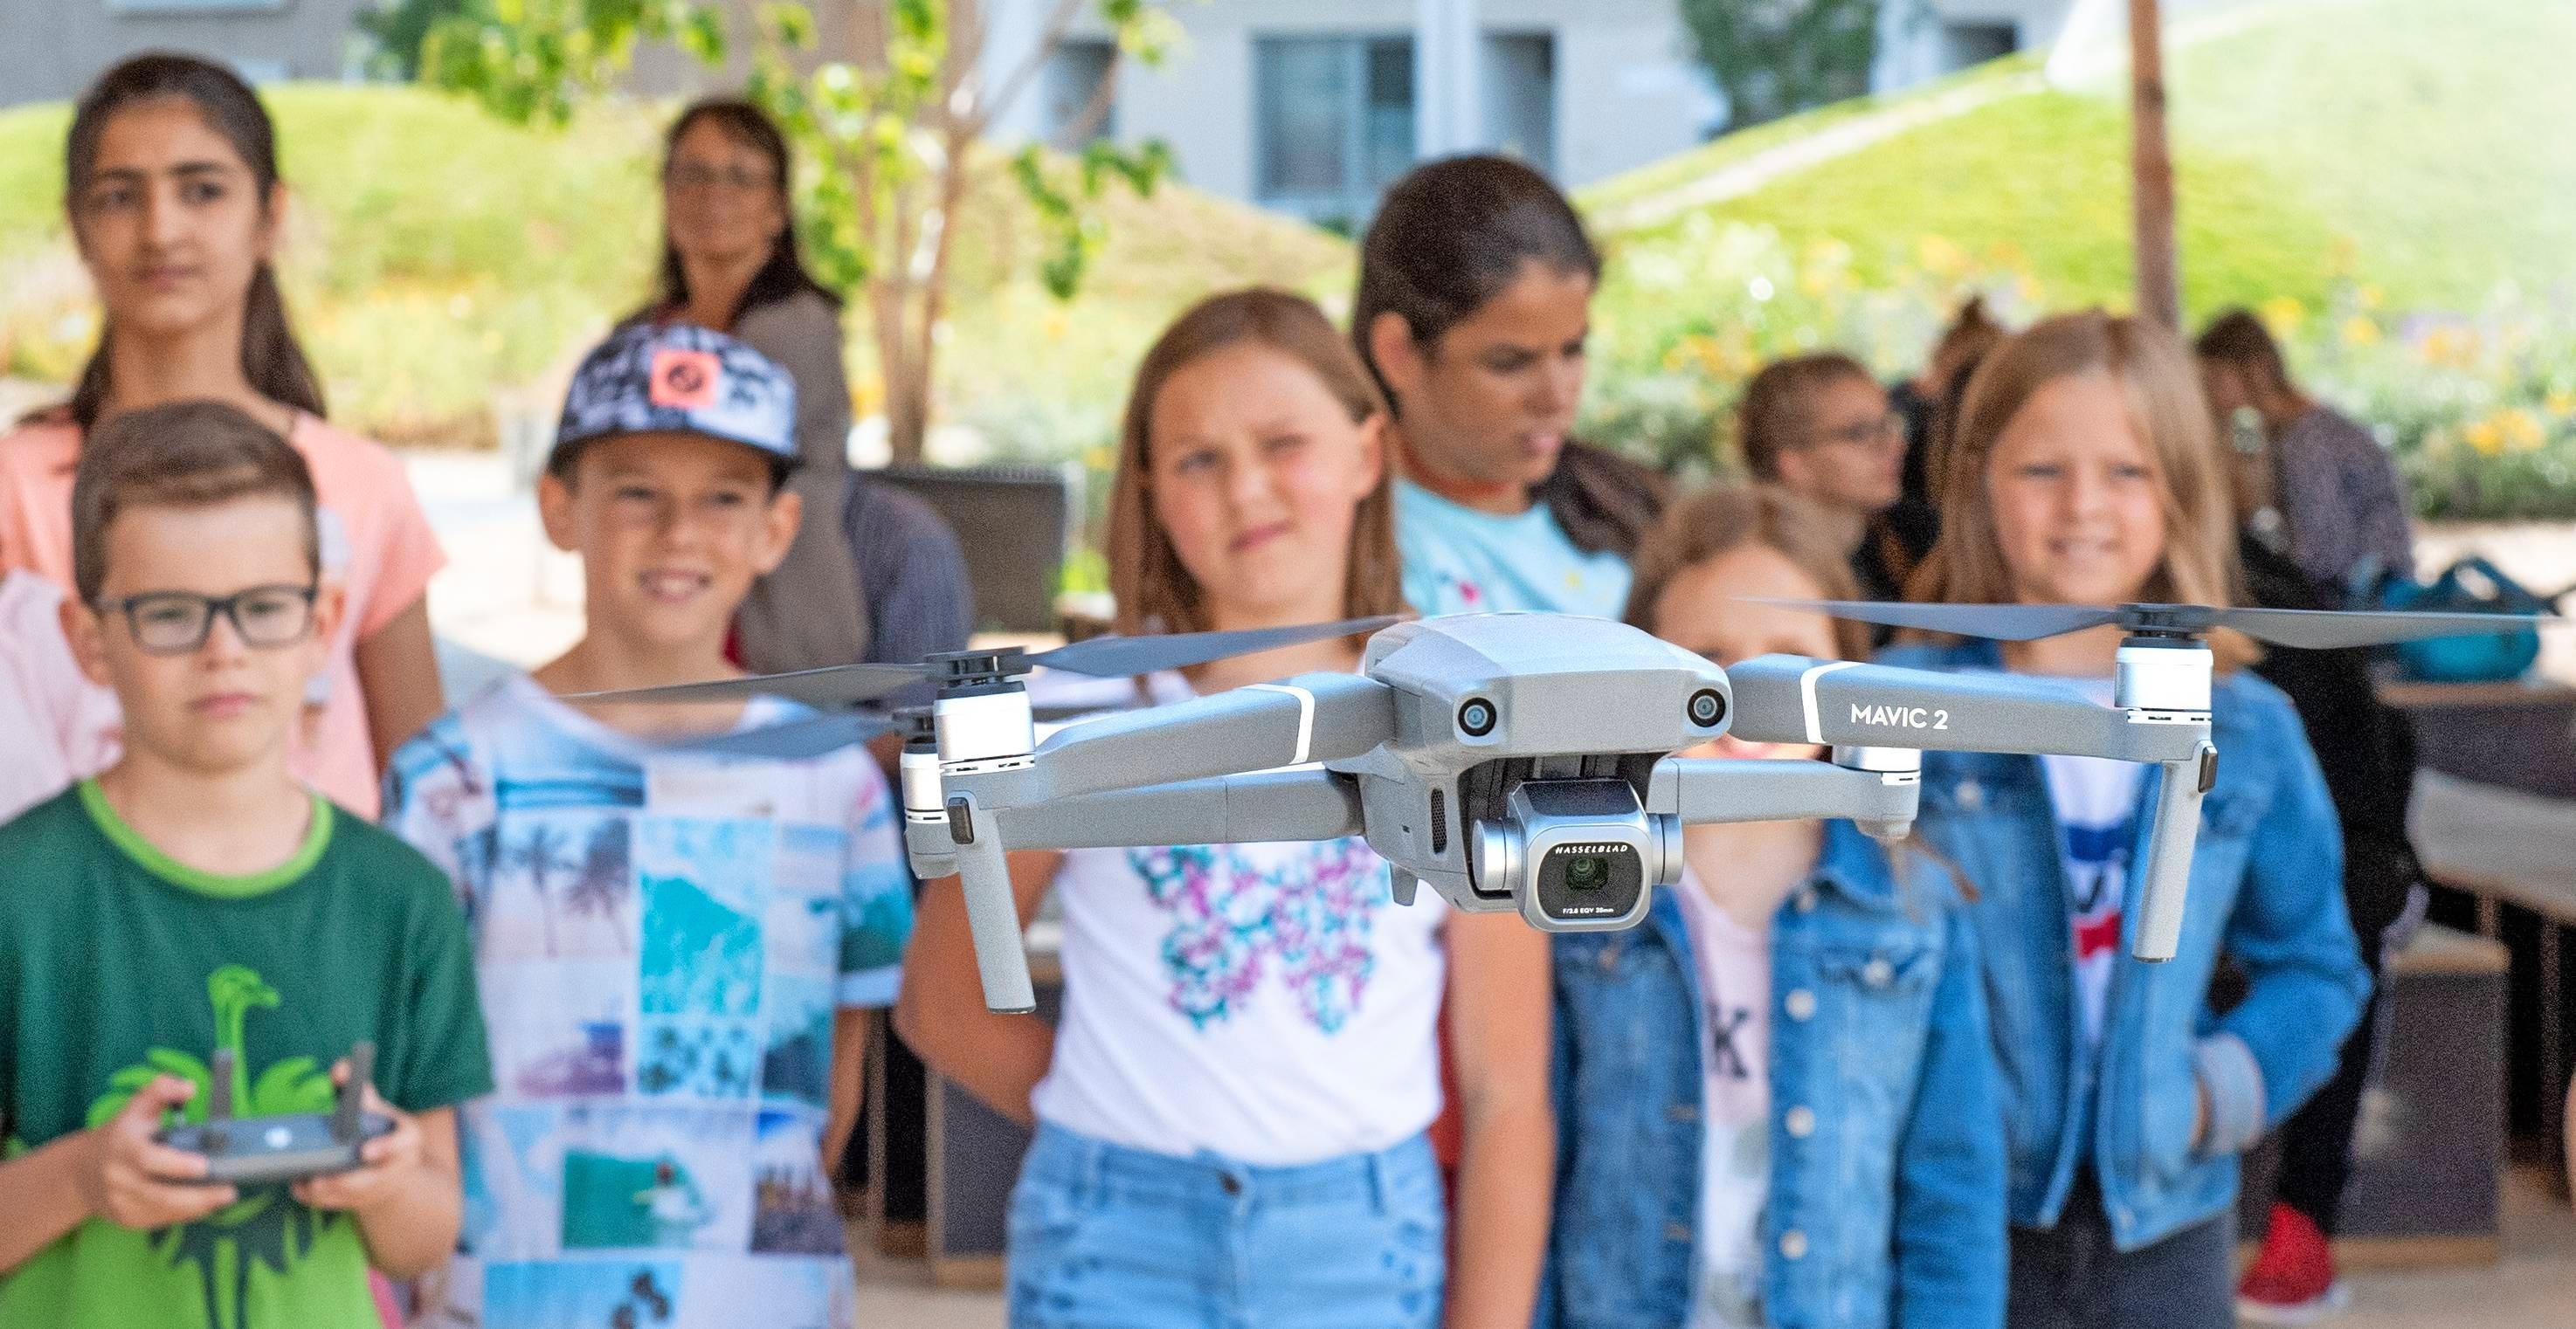 Mit der Drohne der Stimme-Videoproduktion haben Schüler aus vier Klassen beim Bunten Klassenzimmer das Gelände der Bundesgartenschau von oben betrachtet. Foto: Archiv/Berger